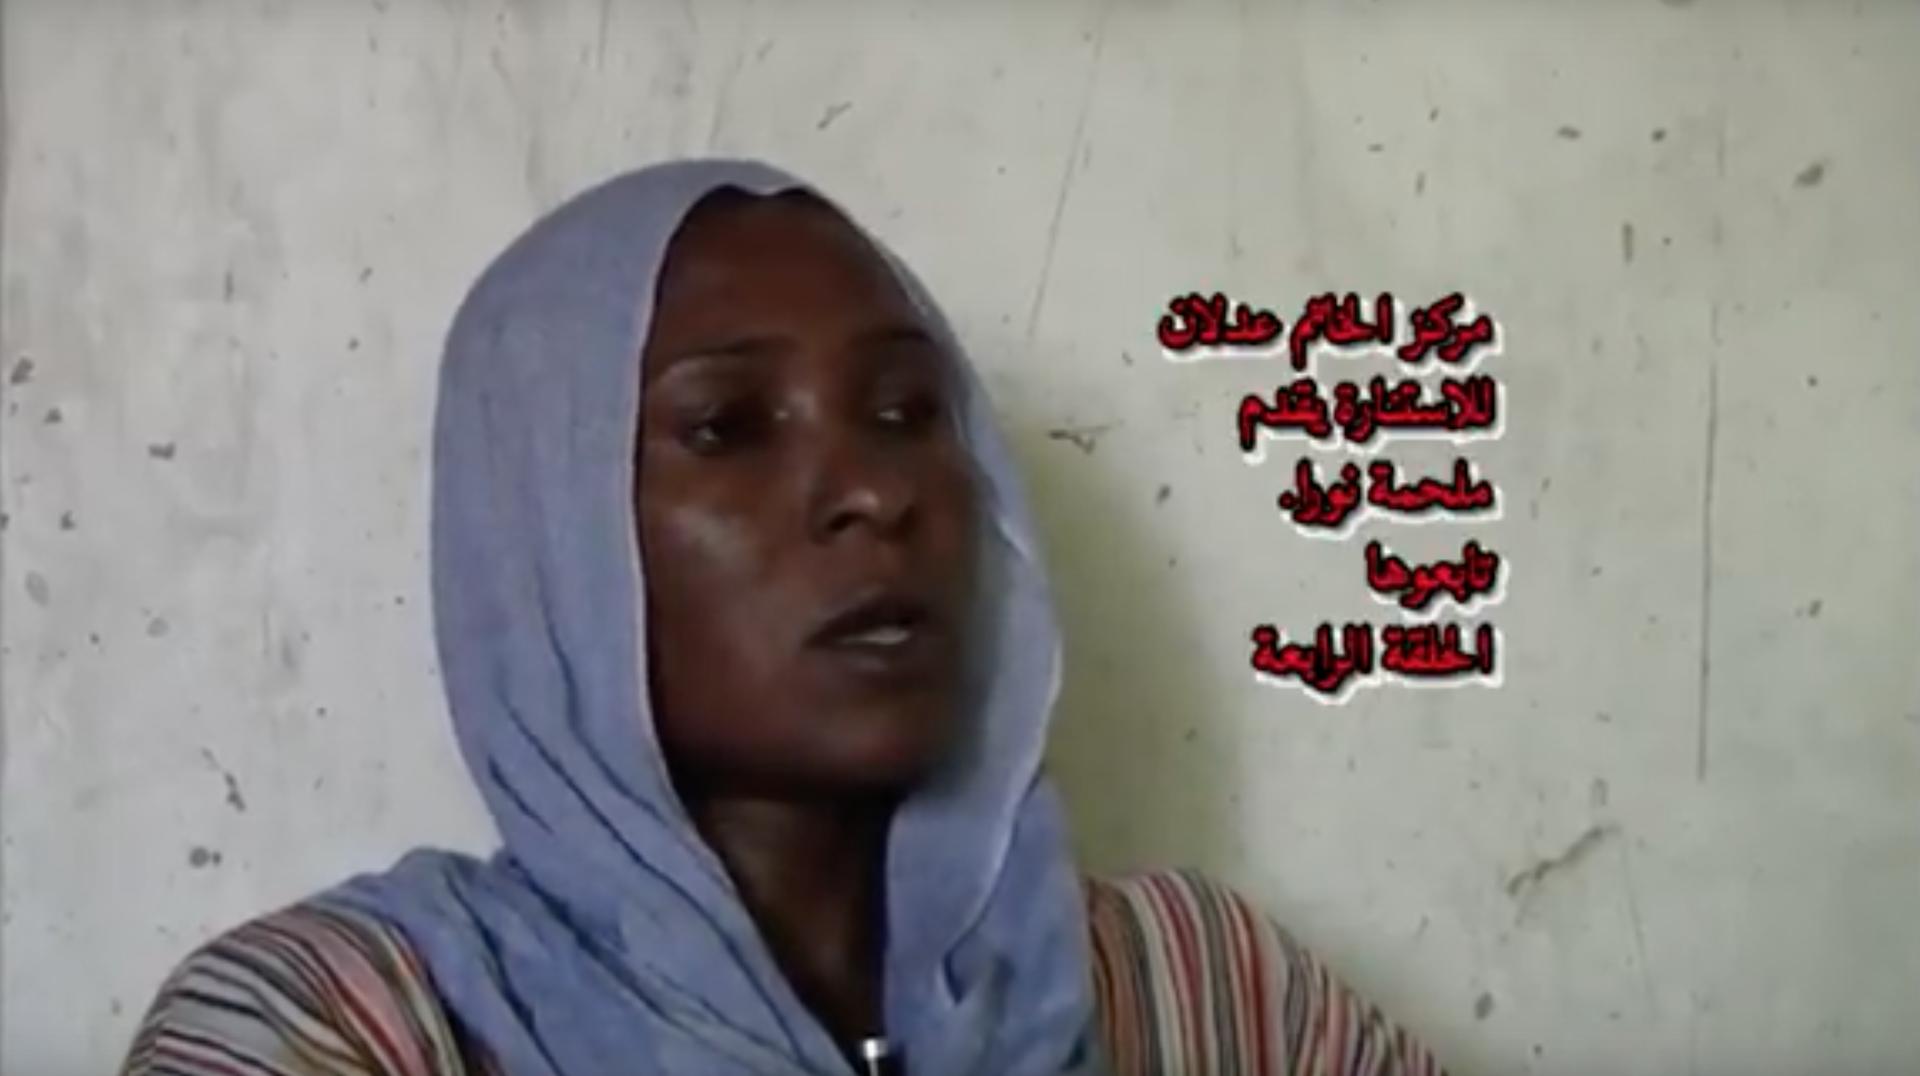 ناجية من محرقة دارفور تروي قصتها (الحلقة الأخيرة)-شاهد الفيديو